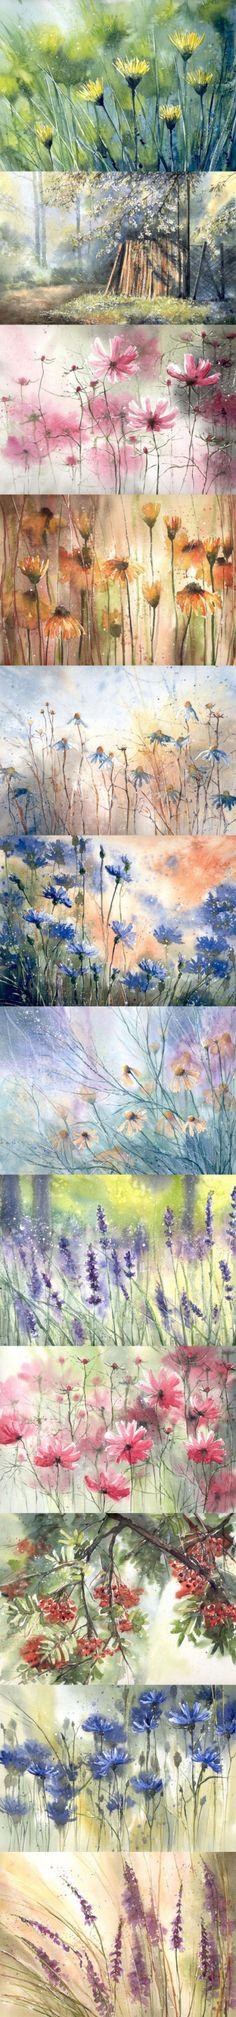 顶尖漫画集:春天花会开,鸟儿它自由自在。